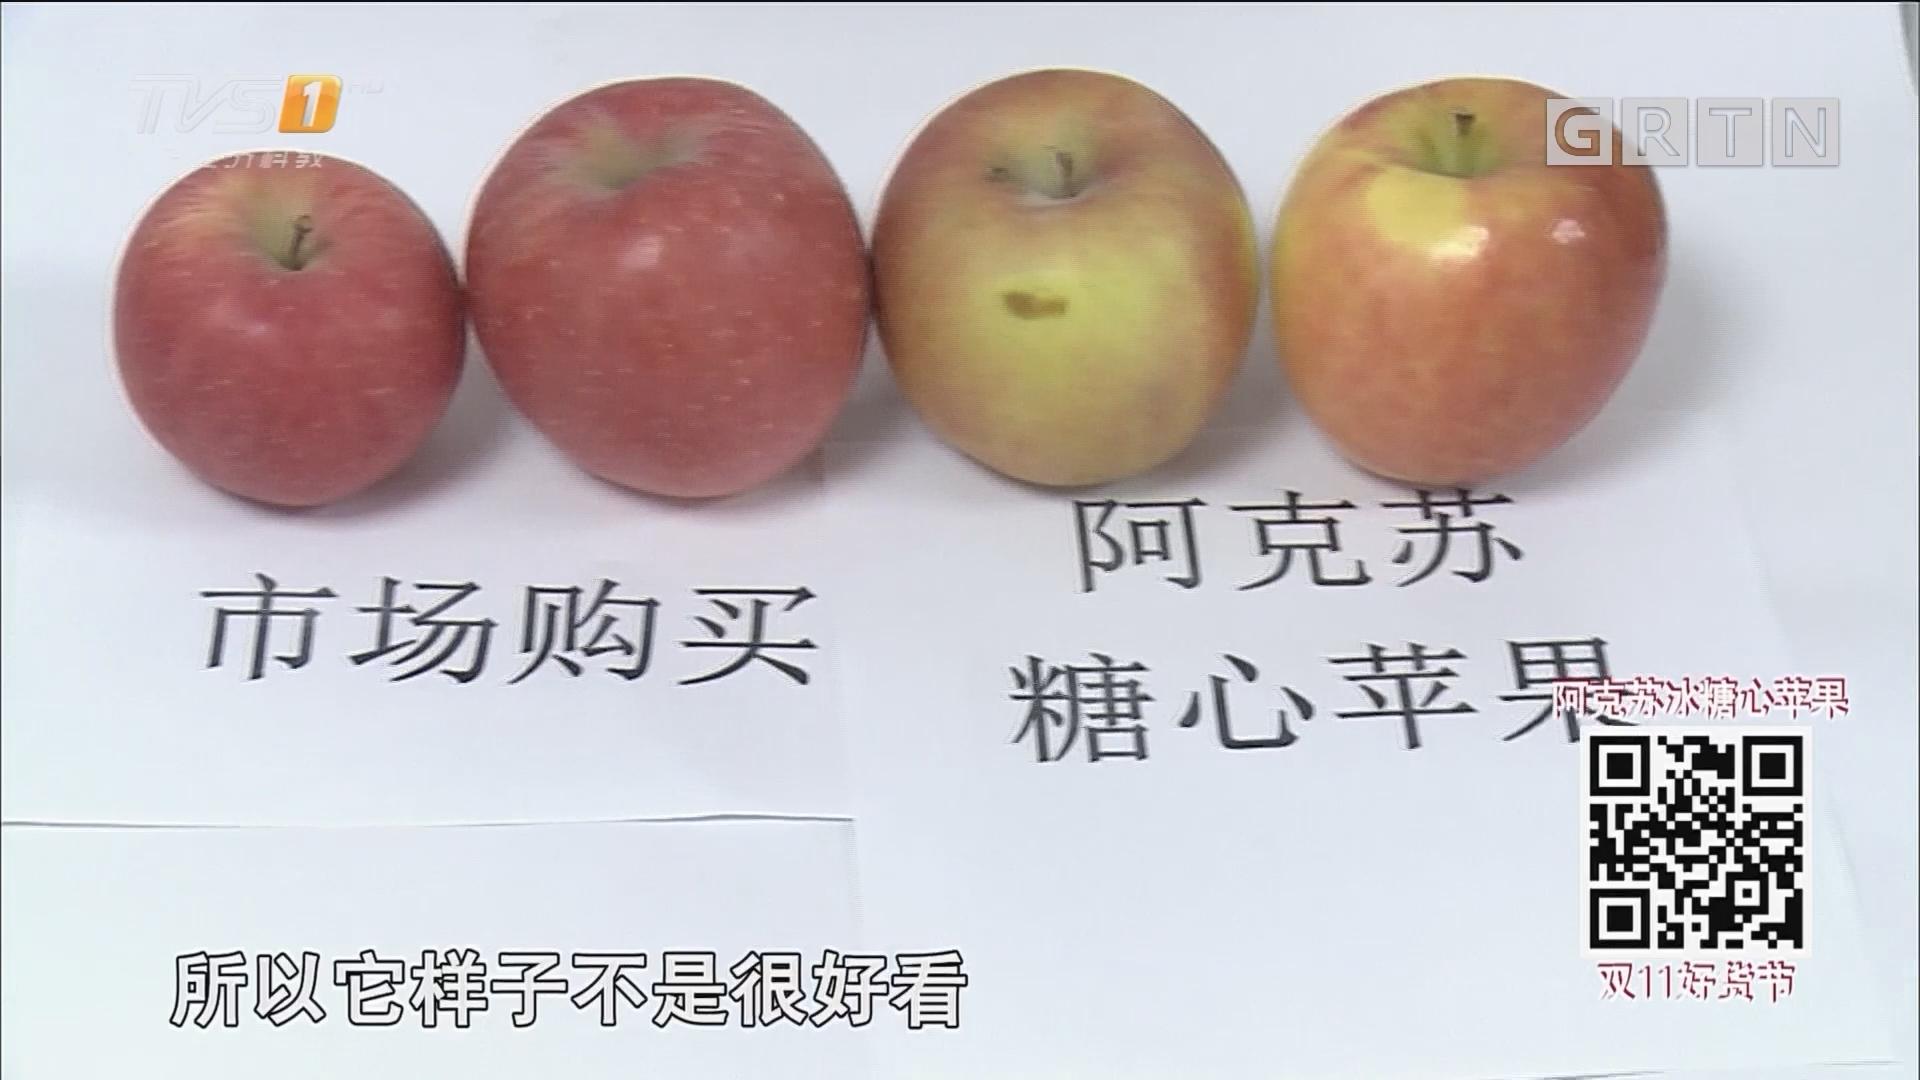 苹果真假知多少 记者教您辨别真正阿克苏冰糖心苹果